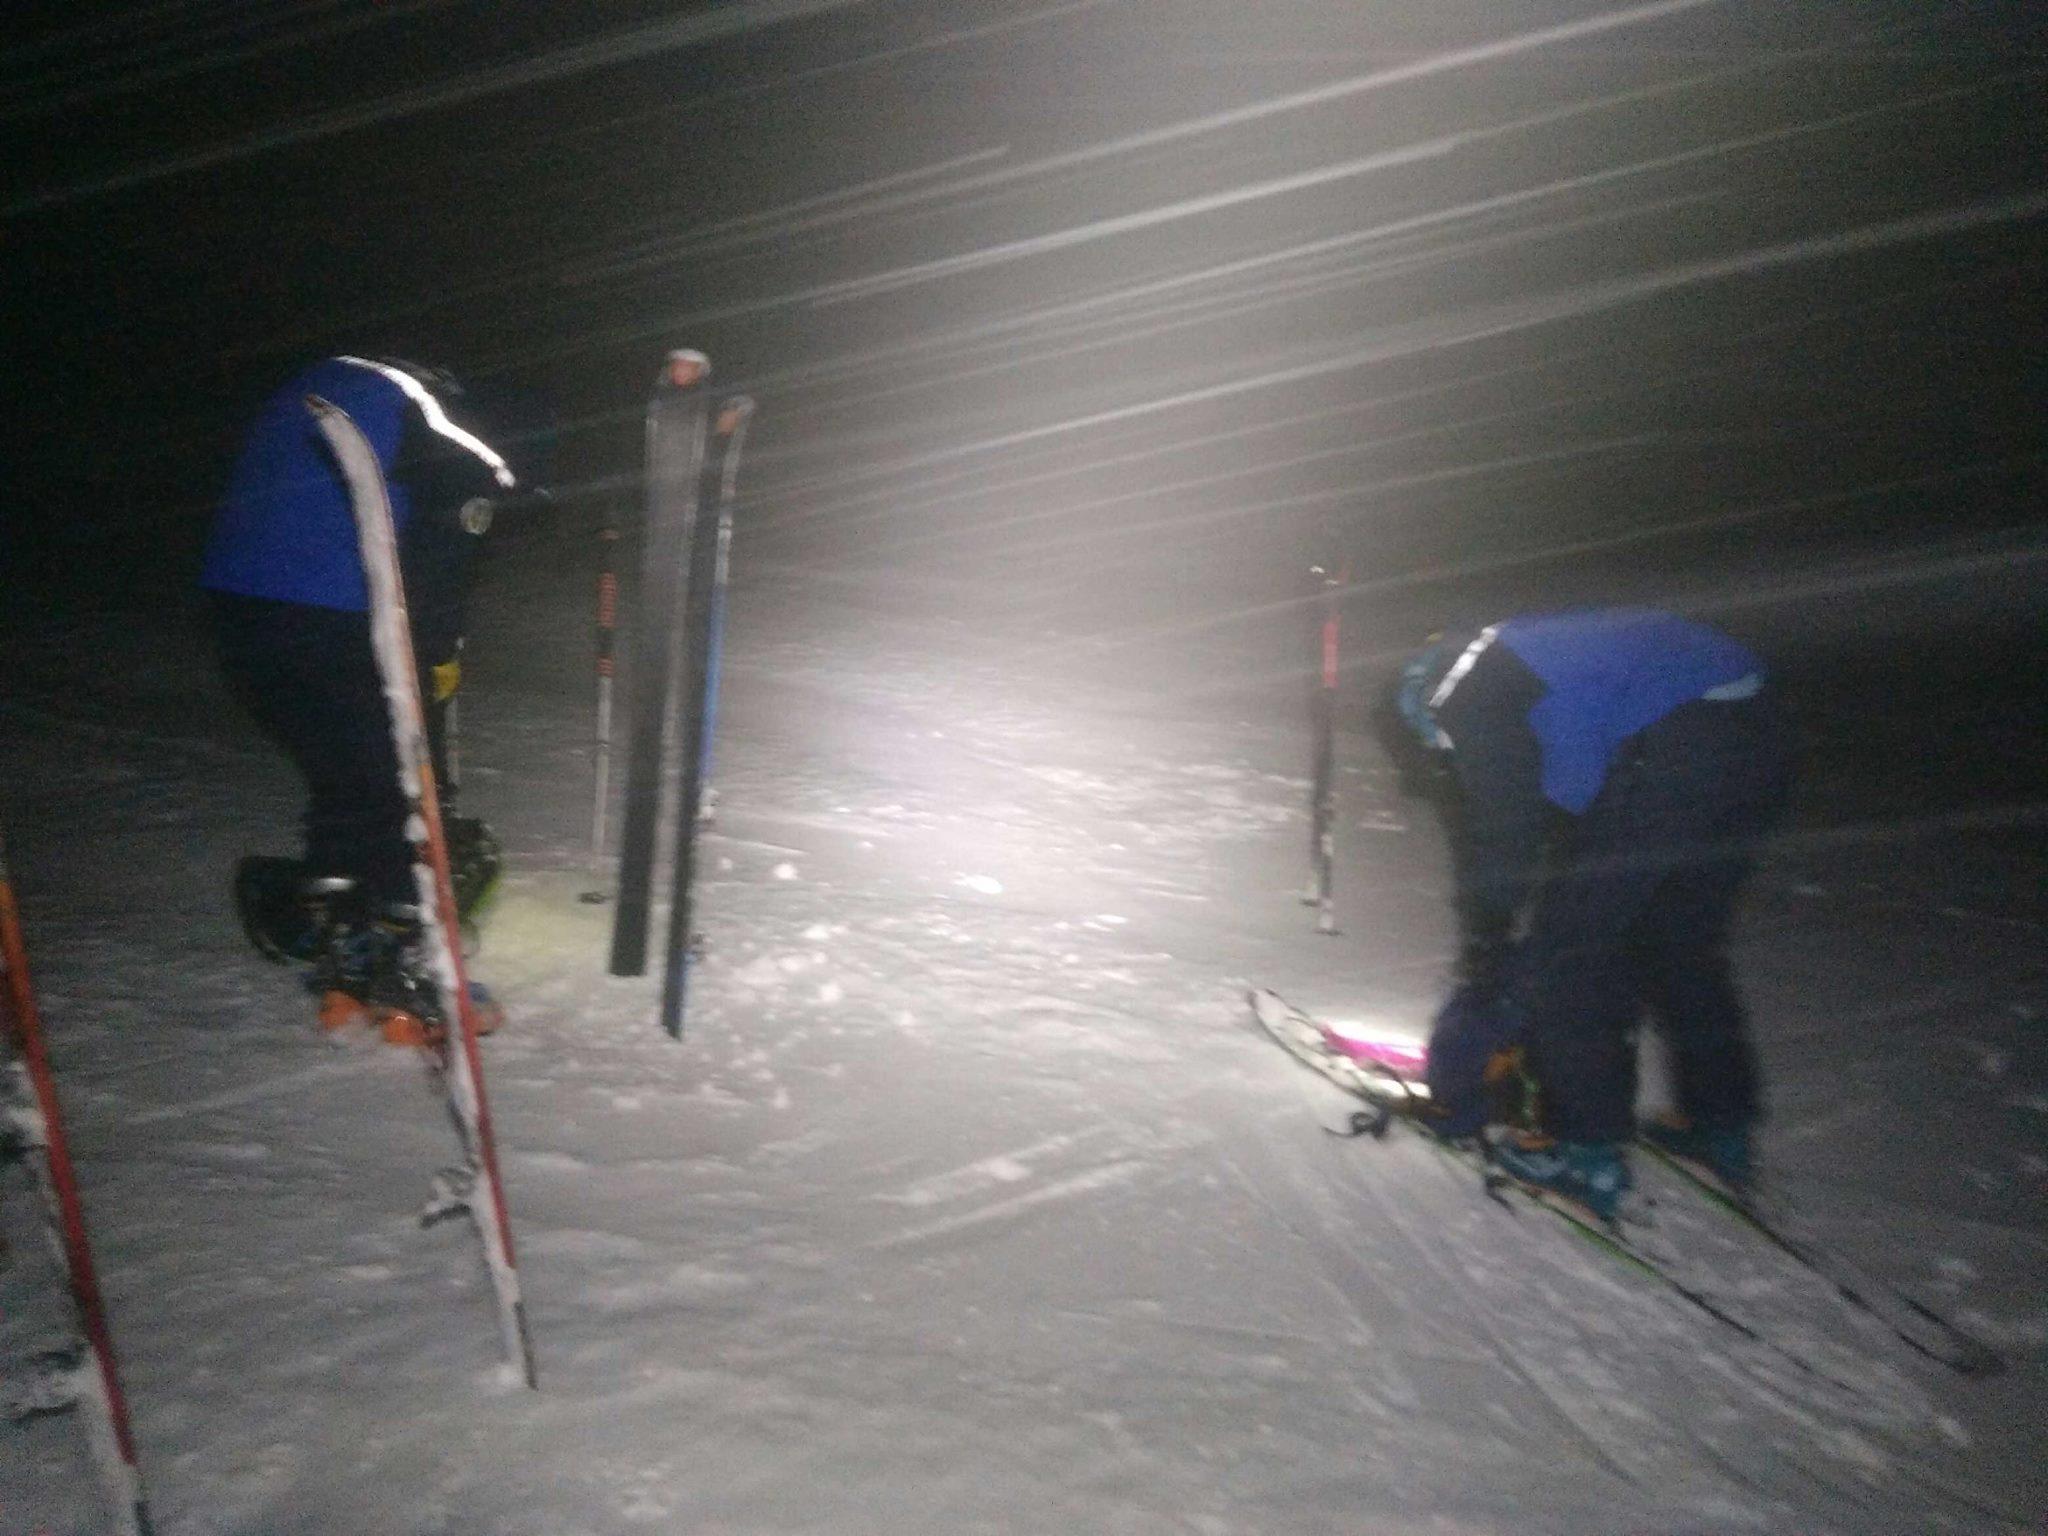 Nuit, brouillard, neige, exploit des secours sur un sauvetage secteur Pic du Midi d'Ossau